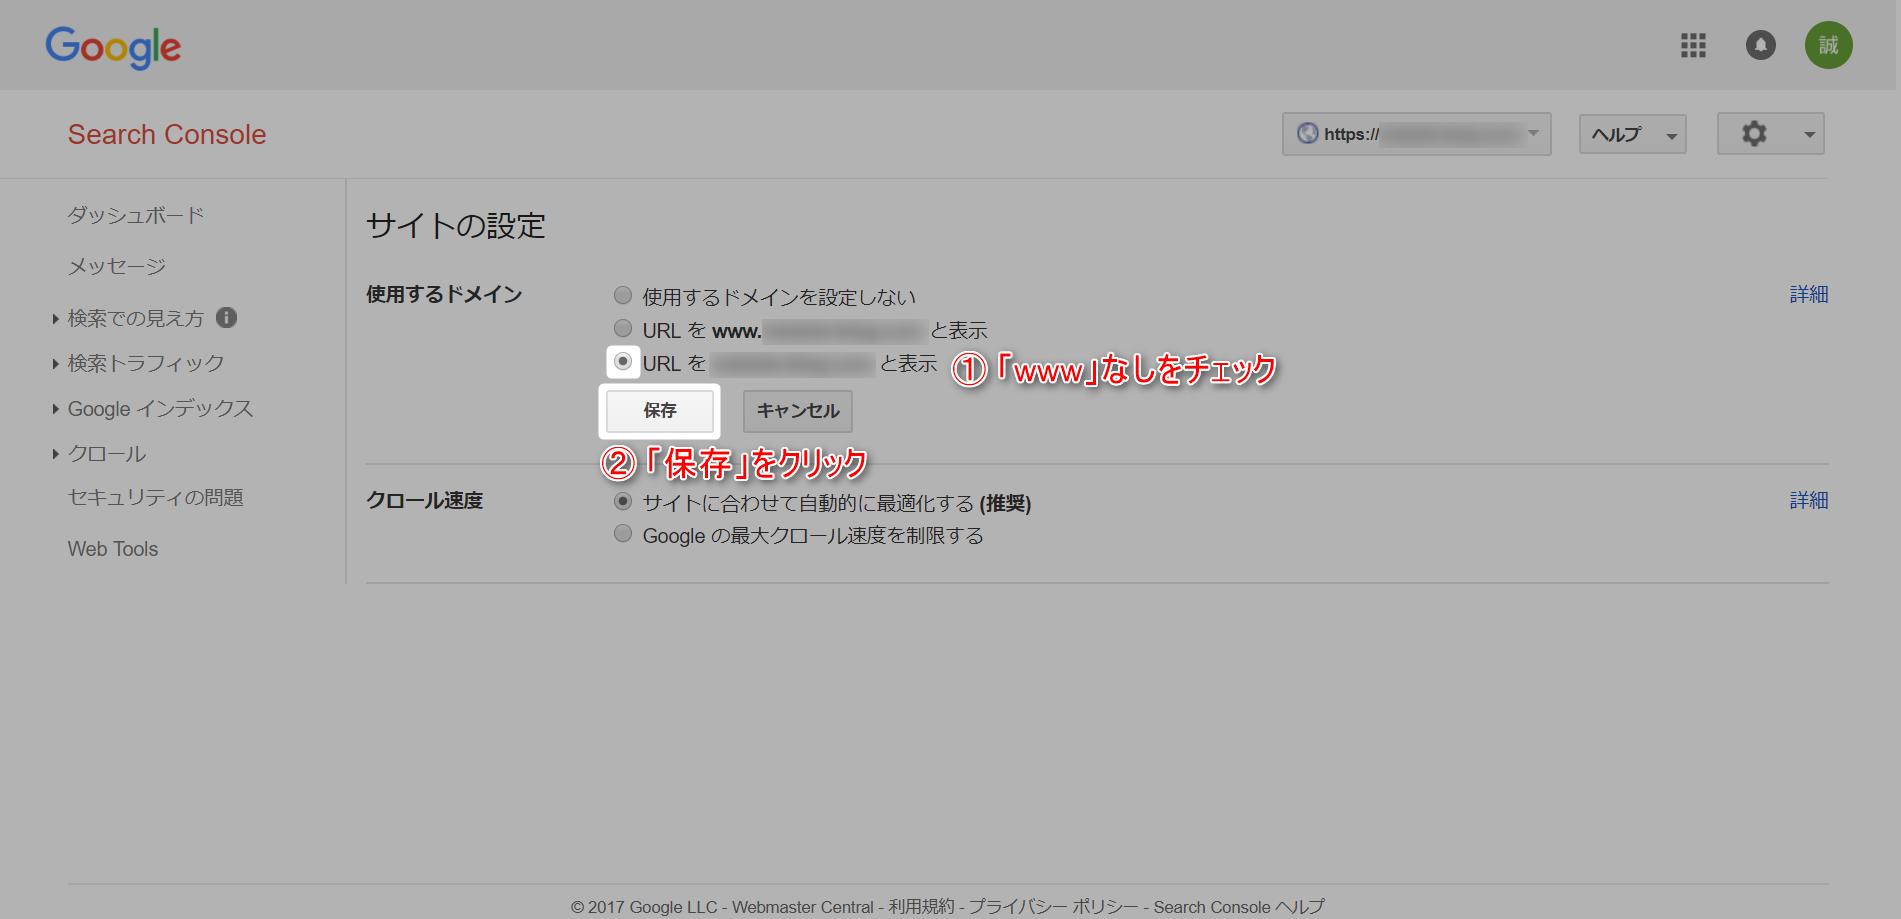 サイトの設定を設定